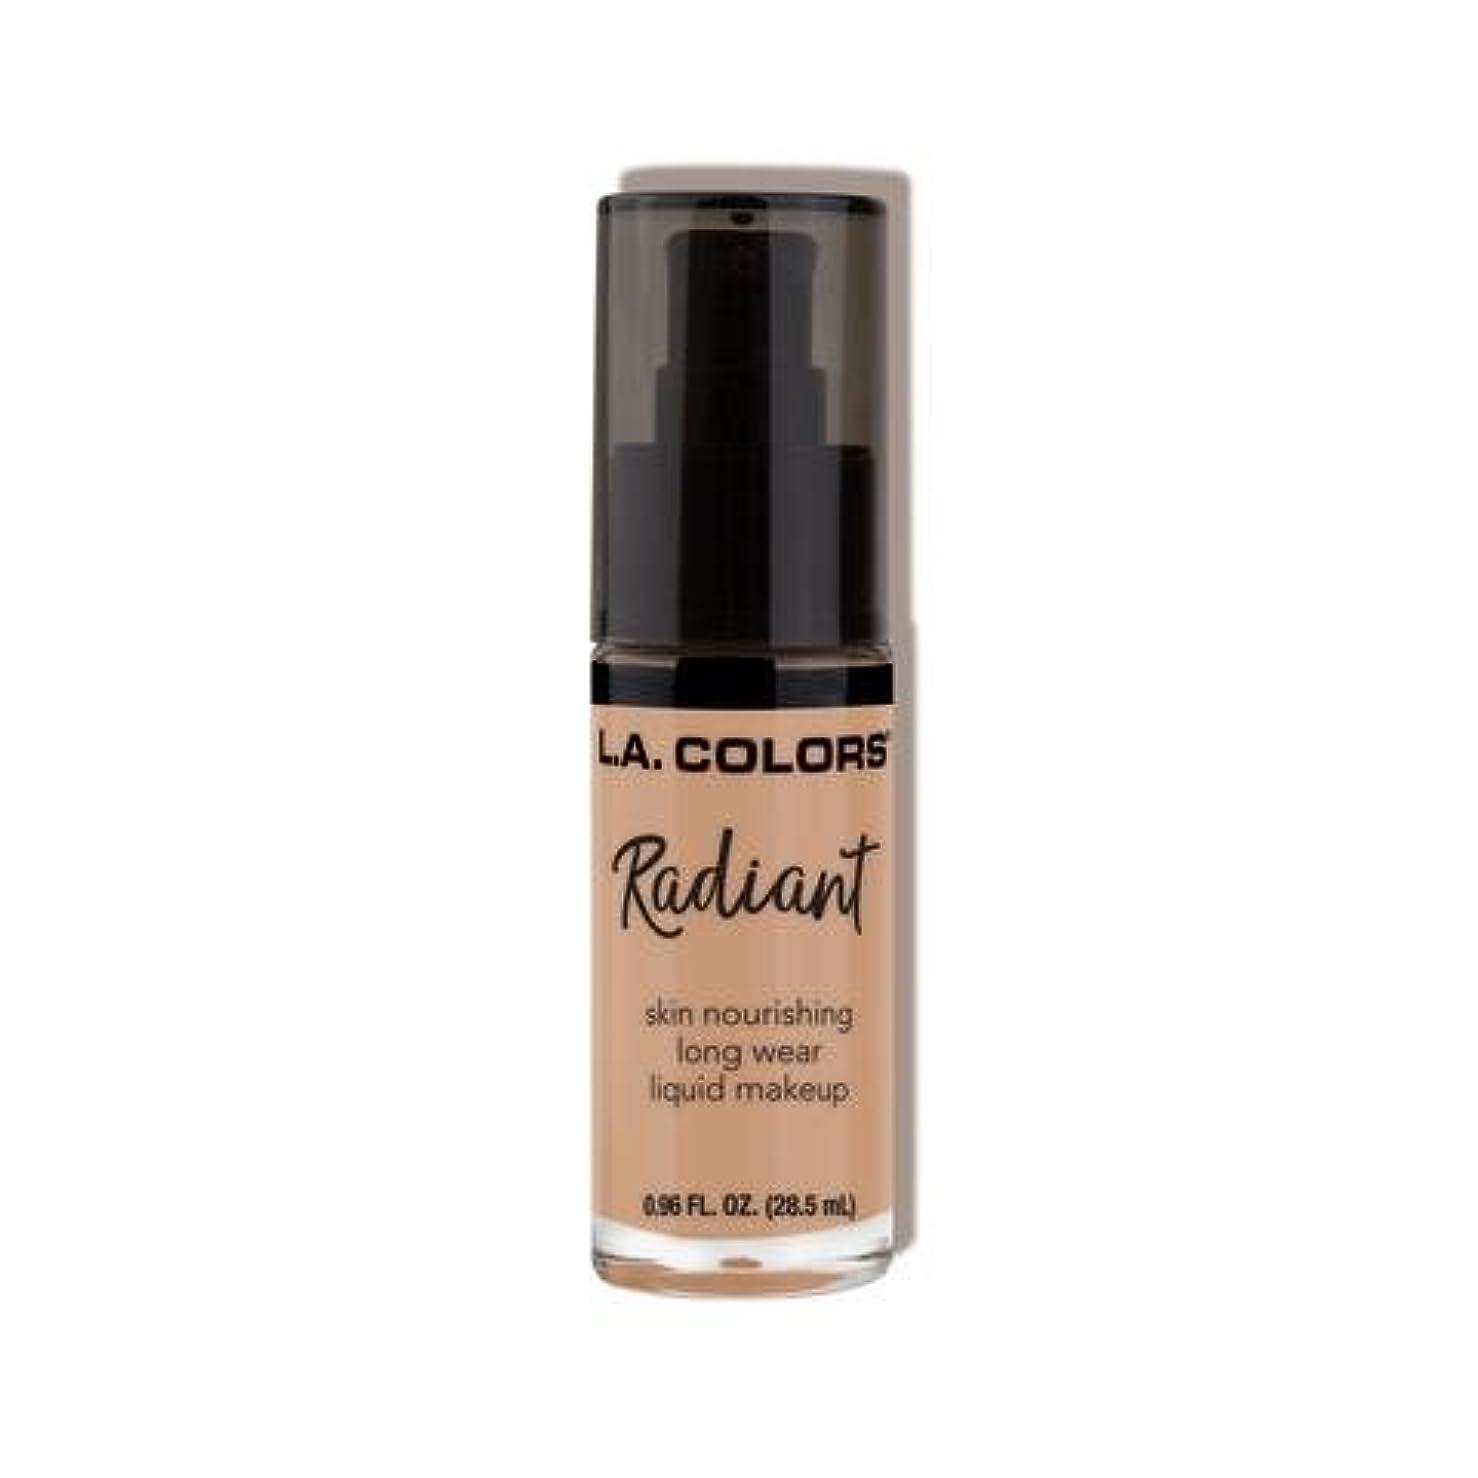 ヘルパー洪水伝統的(6 Pack) L.A. COLORS Radiant Liquid Makeup - Medium Tan (並行輸入品)